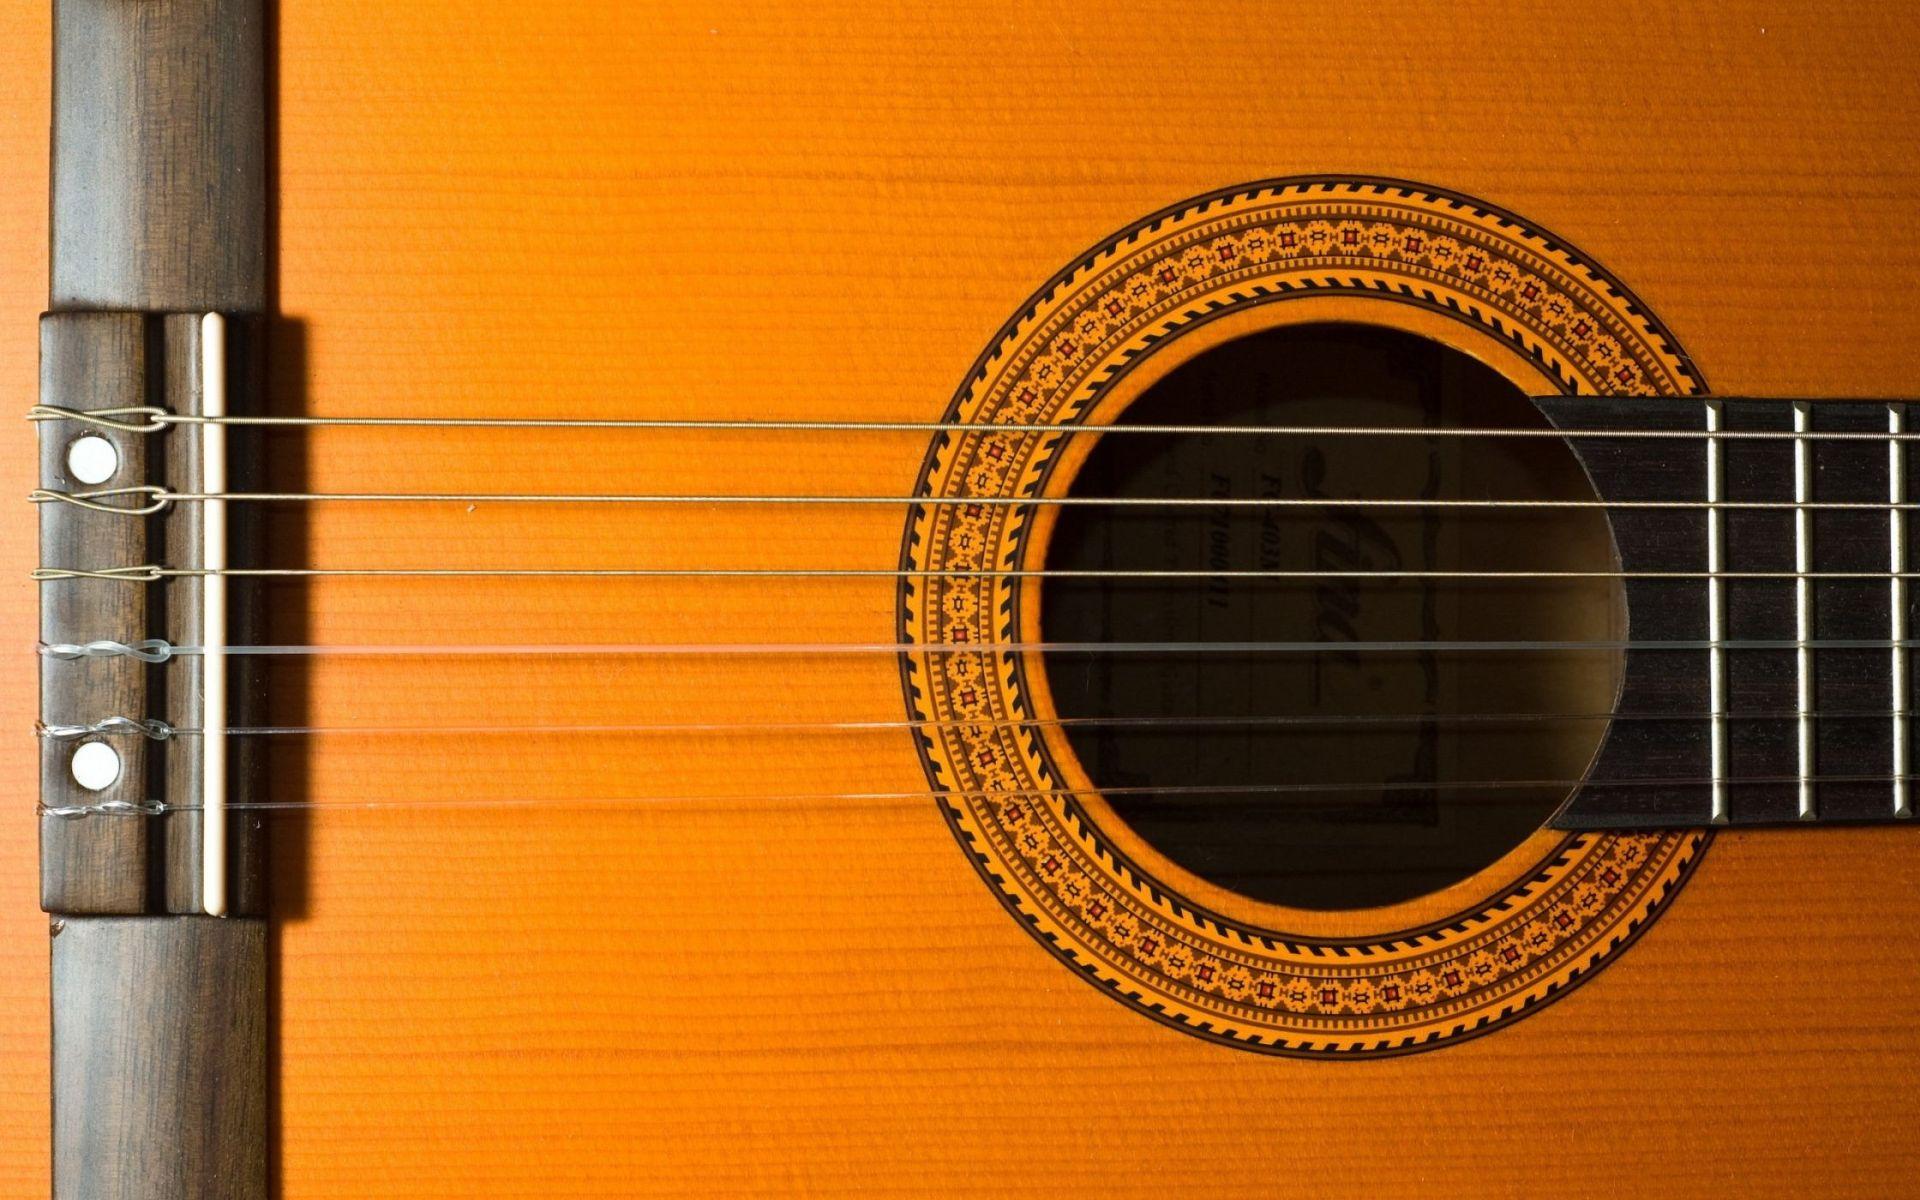 Acoustic Guitar strings, 1080p Wallpaper